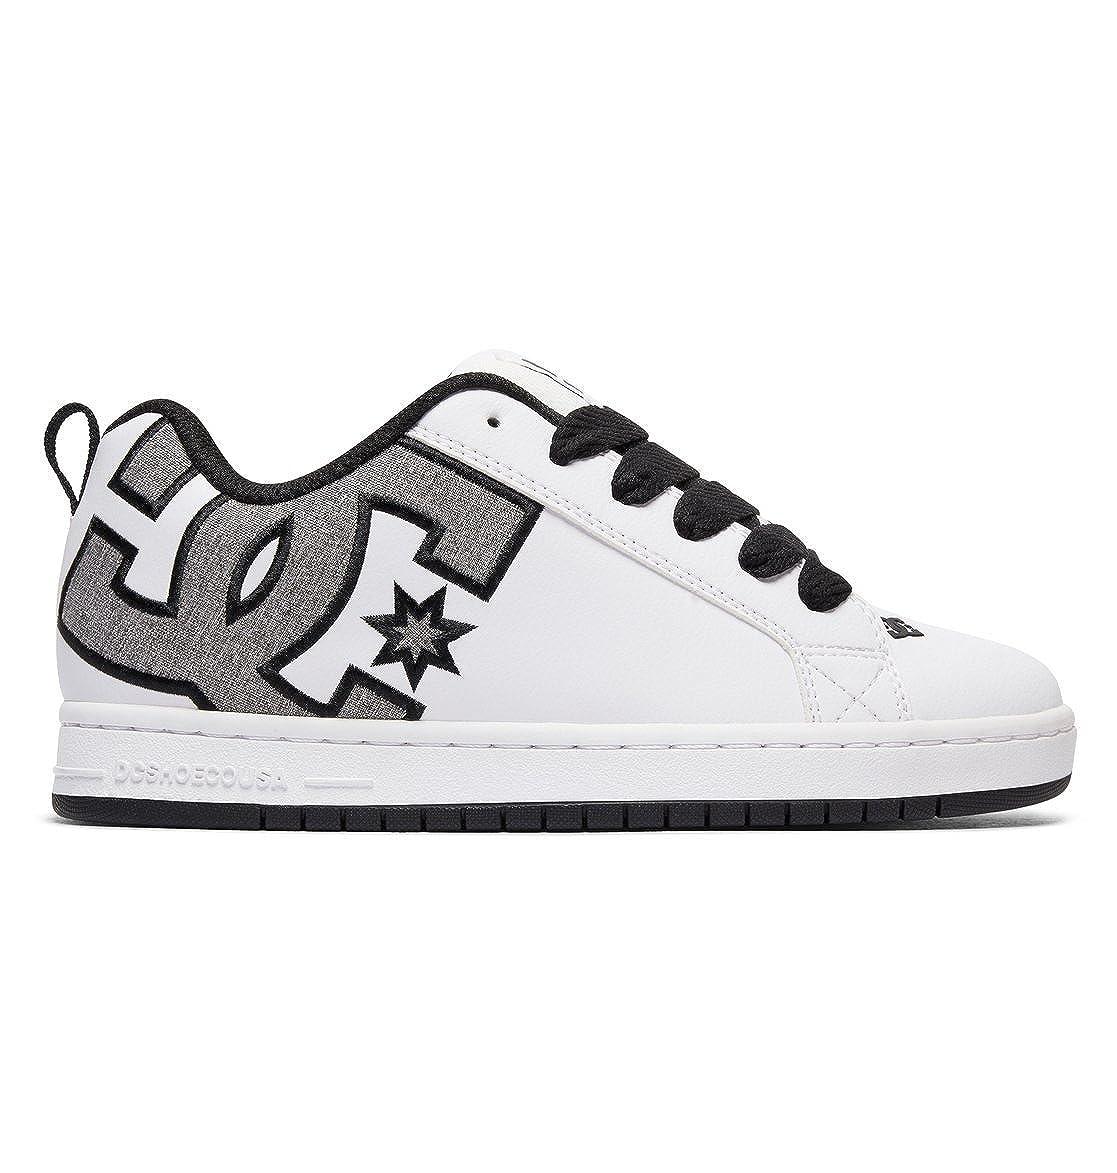 Blanc gris (Heather gris) 39.5 EU D D DC chaussures Court Graffik SE Pour des hommes chaussures D0300927, paniers mode homme